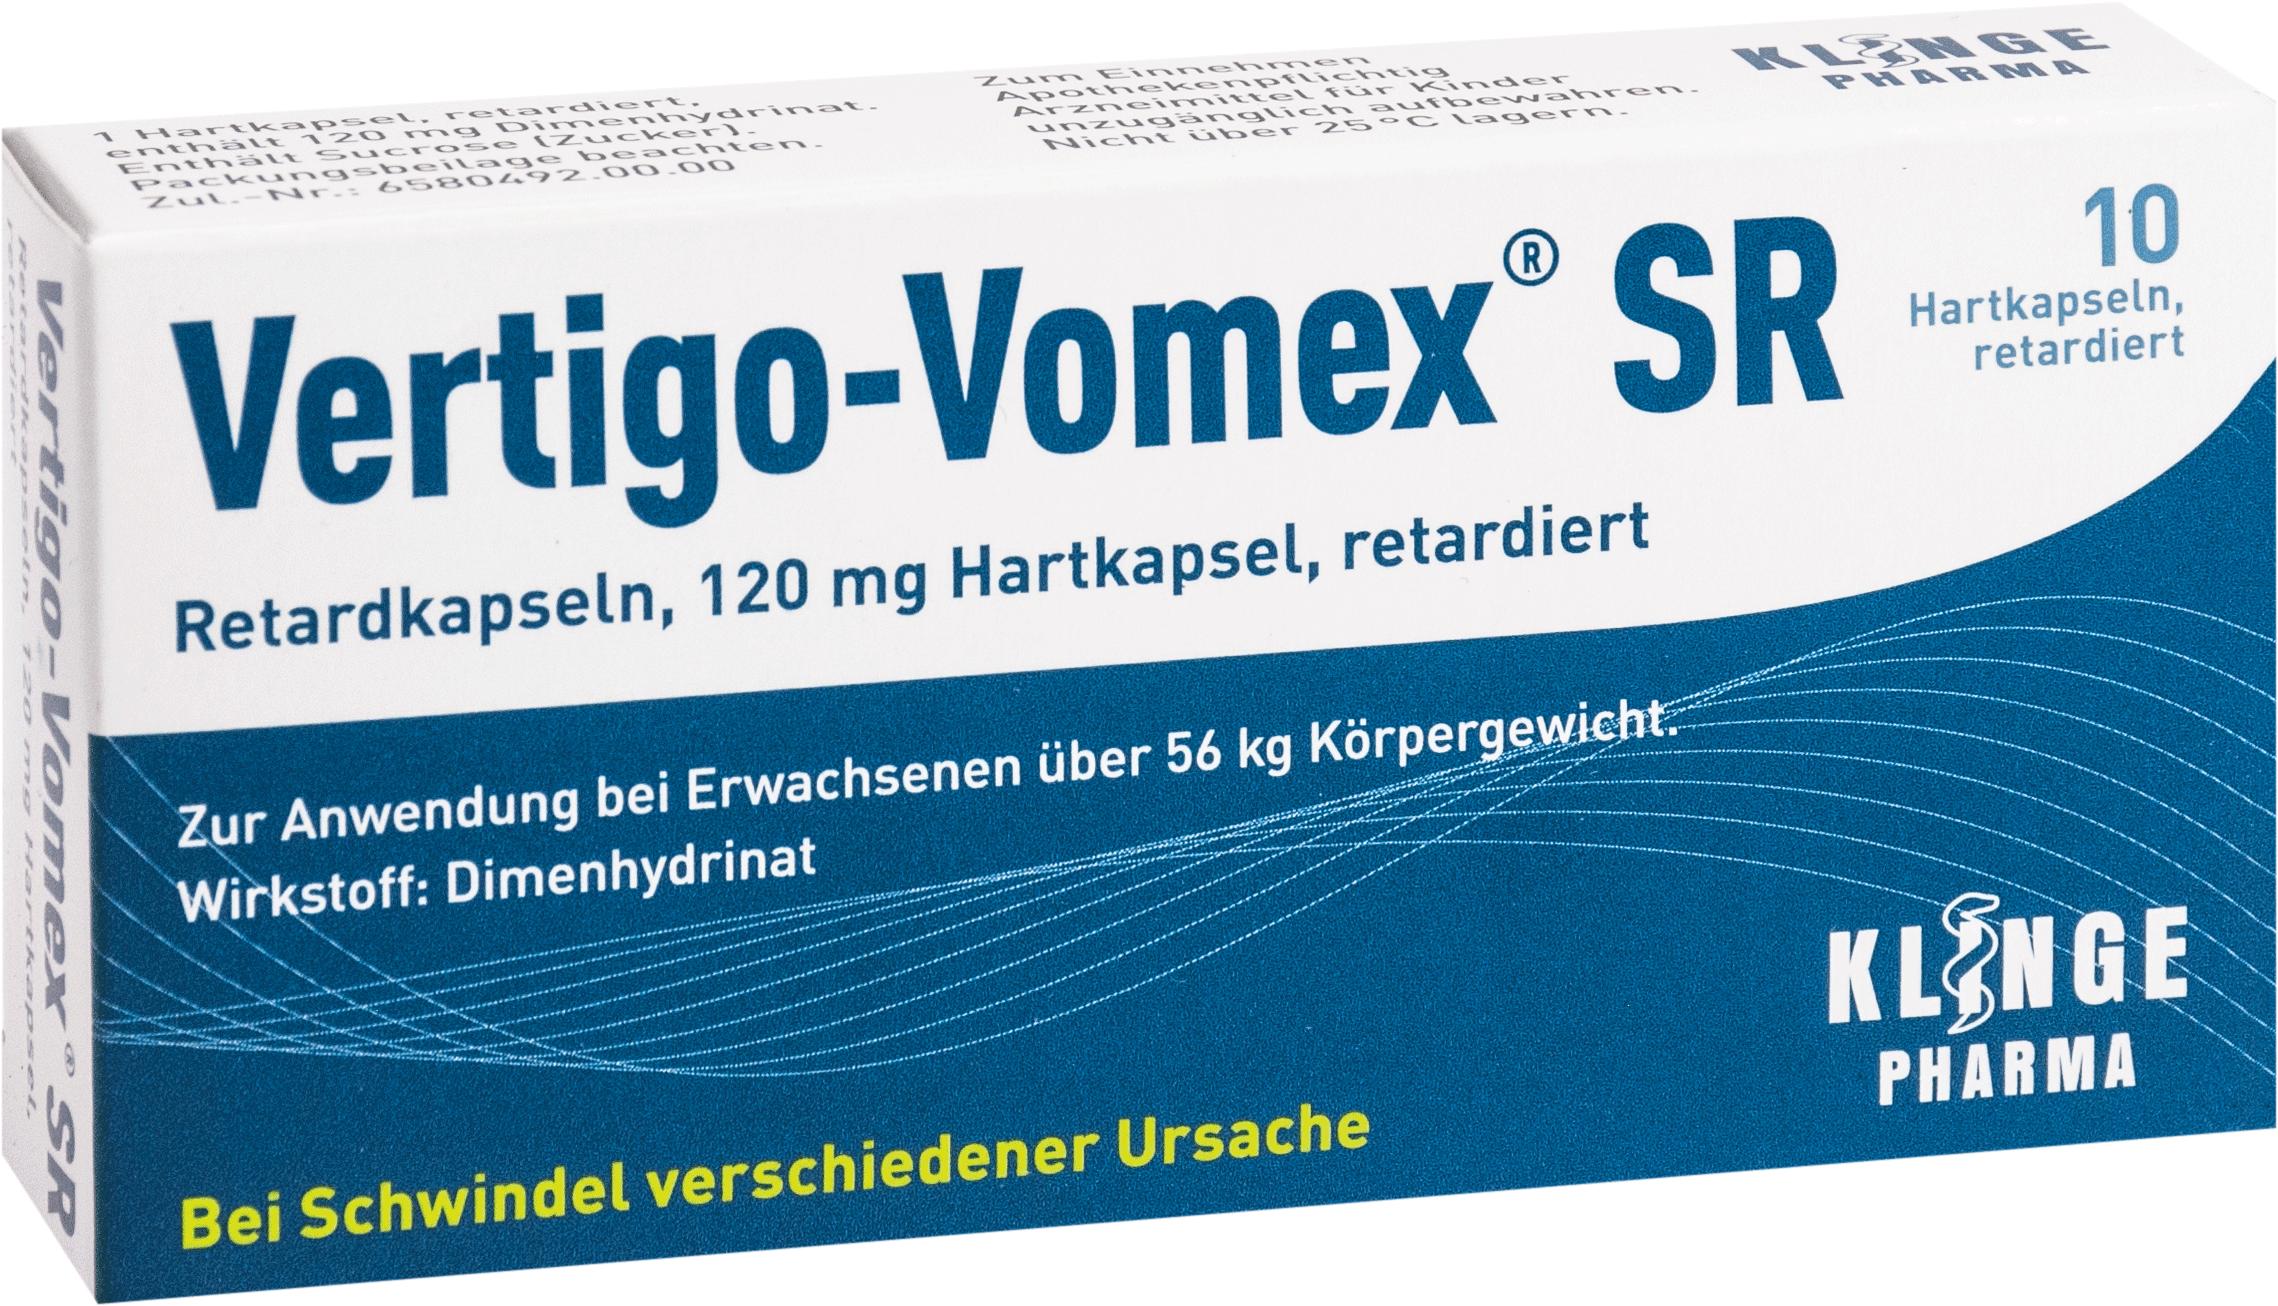 Vertigo-Vomex SR